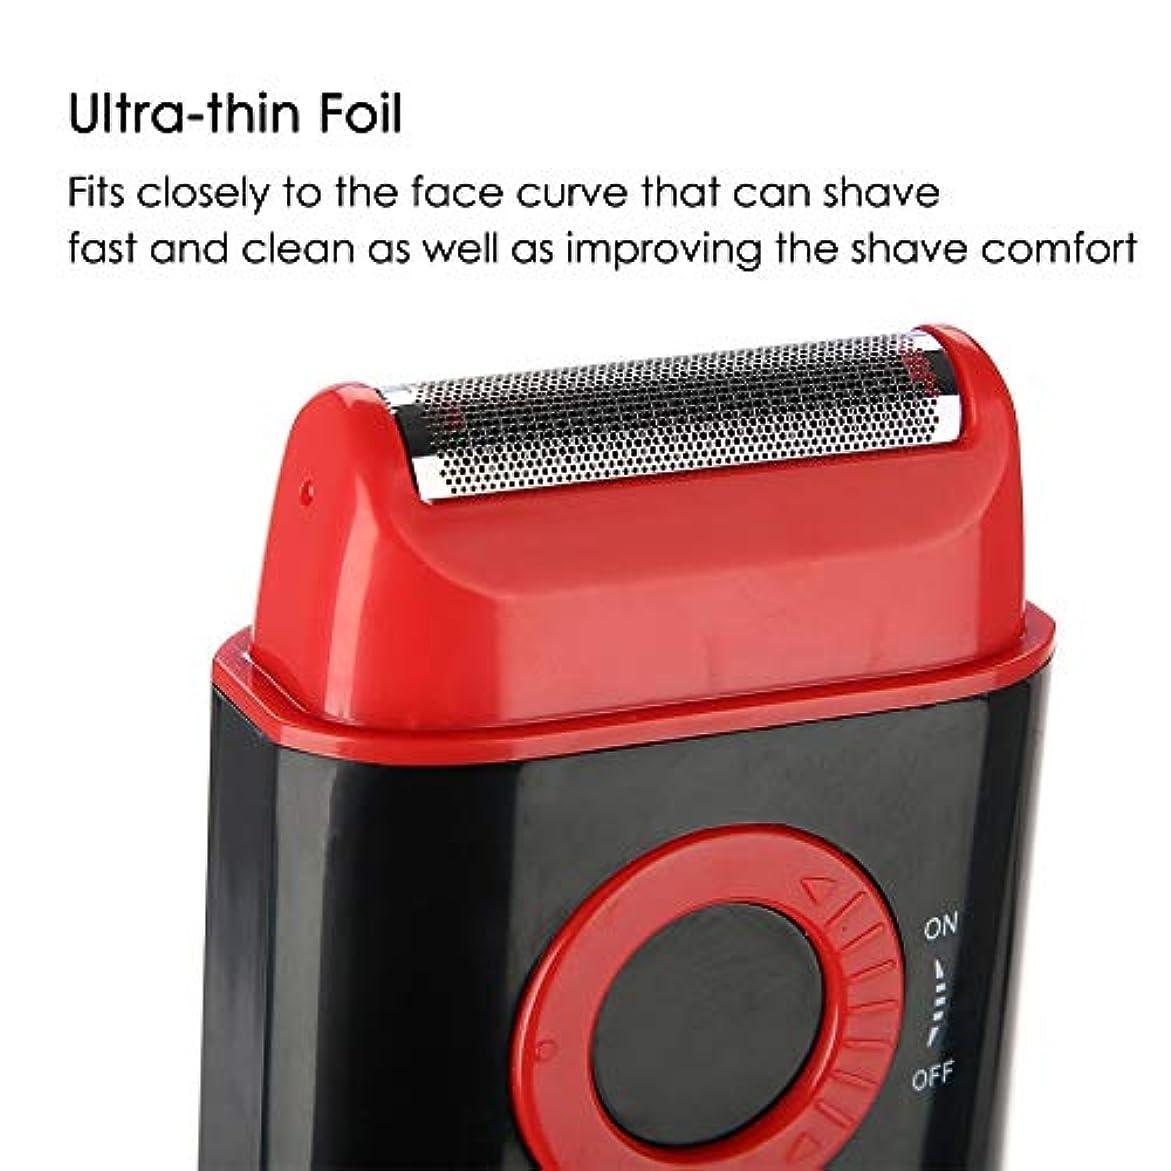 模索摂氏化合物電気シェーバー 剃刀 男性 超薄型箔ポップアップひげトリマー単3電池のパワーシェービングカミソリ (レッド)